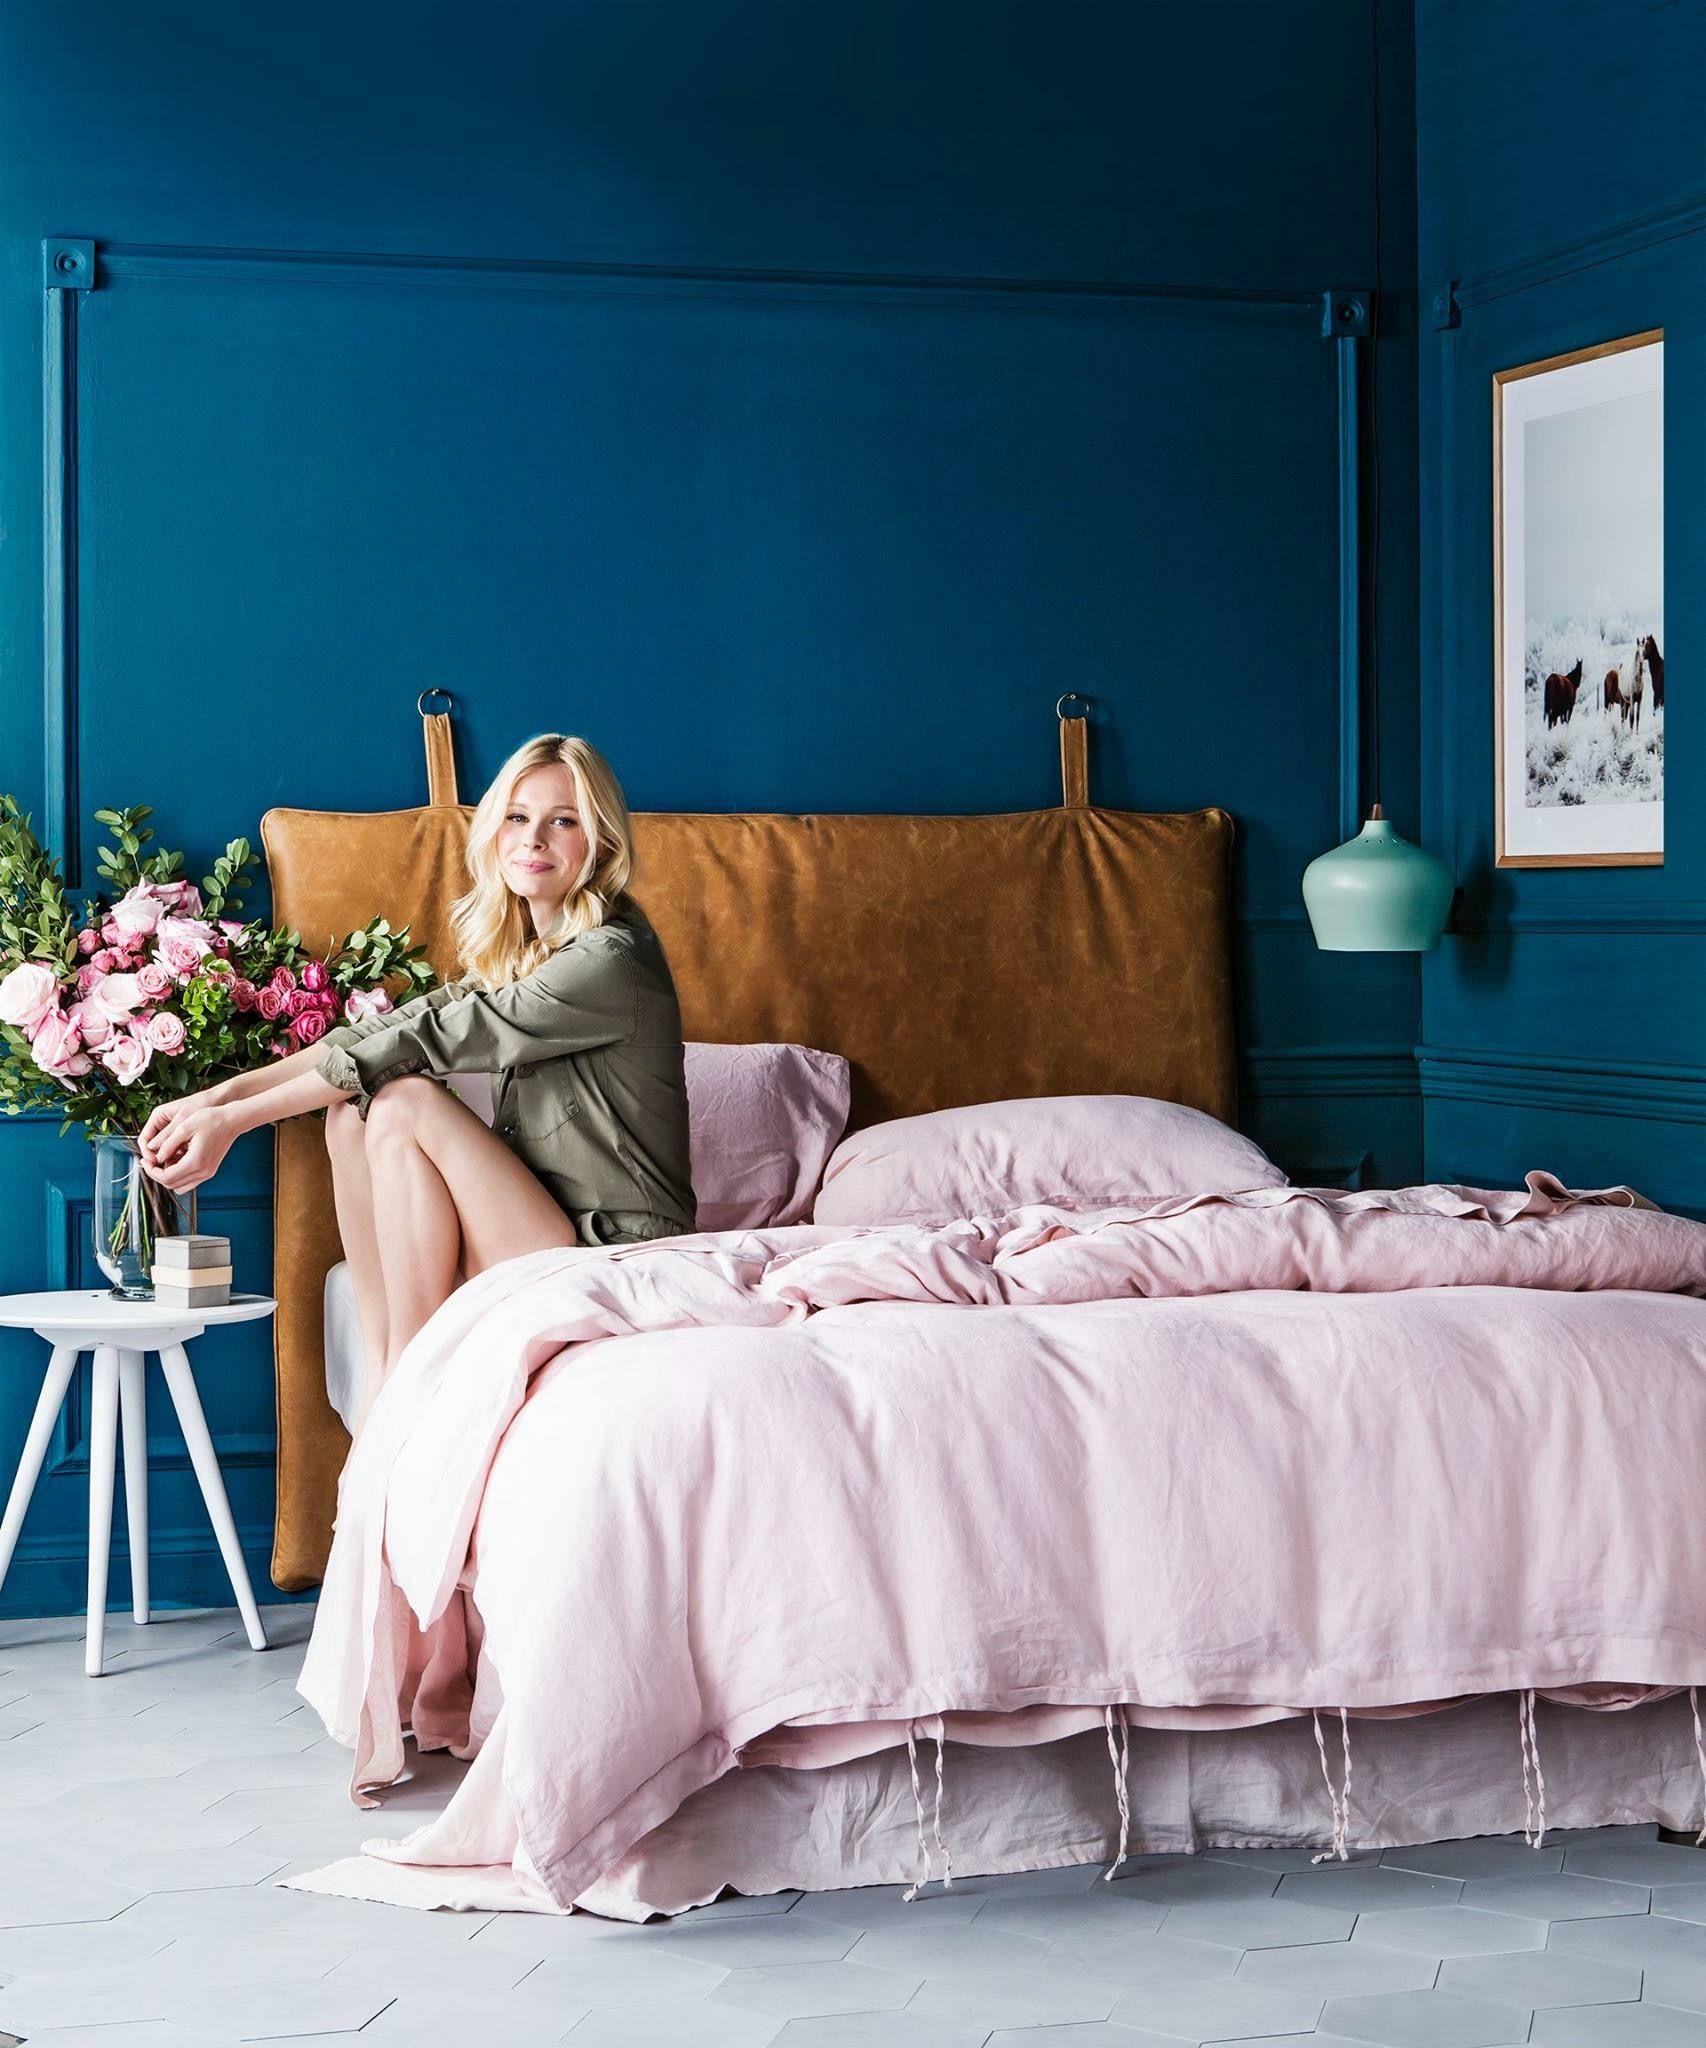 BEDROOM에 있는 Tessa Hewlett님의 핀  Pinterest  침실, 집 및 인테리어